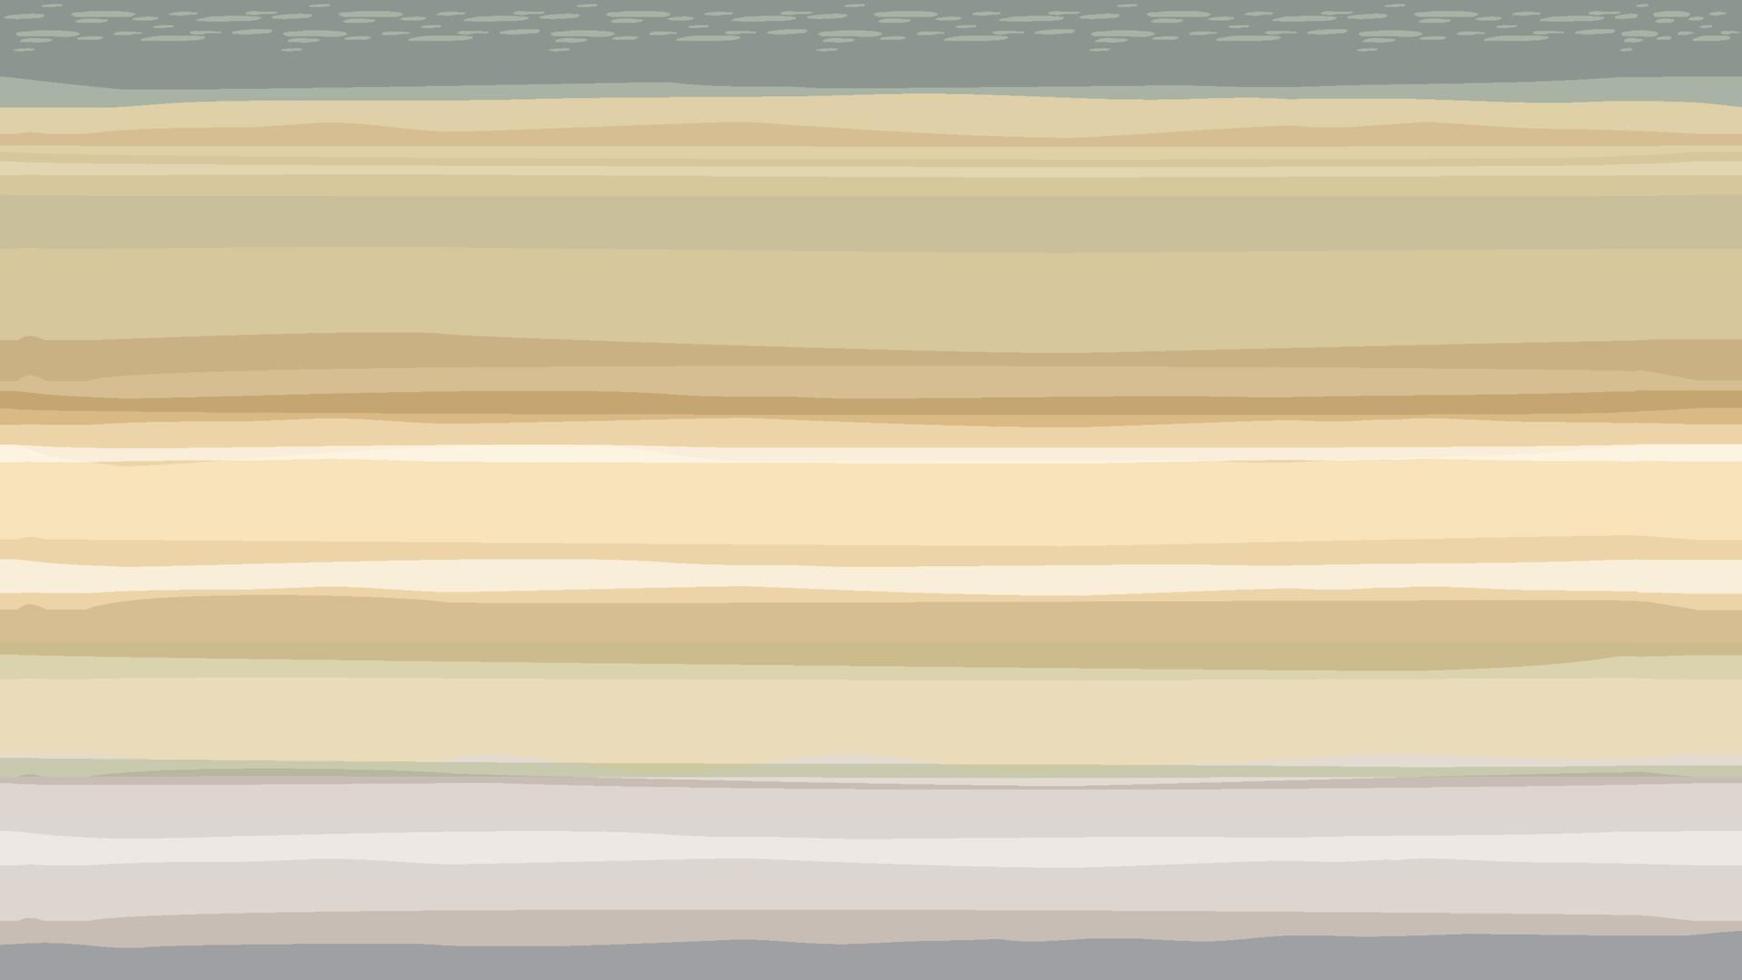 abstrait de la surface de Saturne vecteur